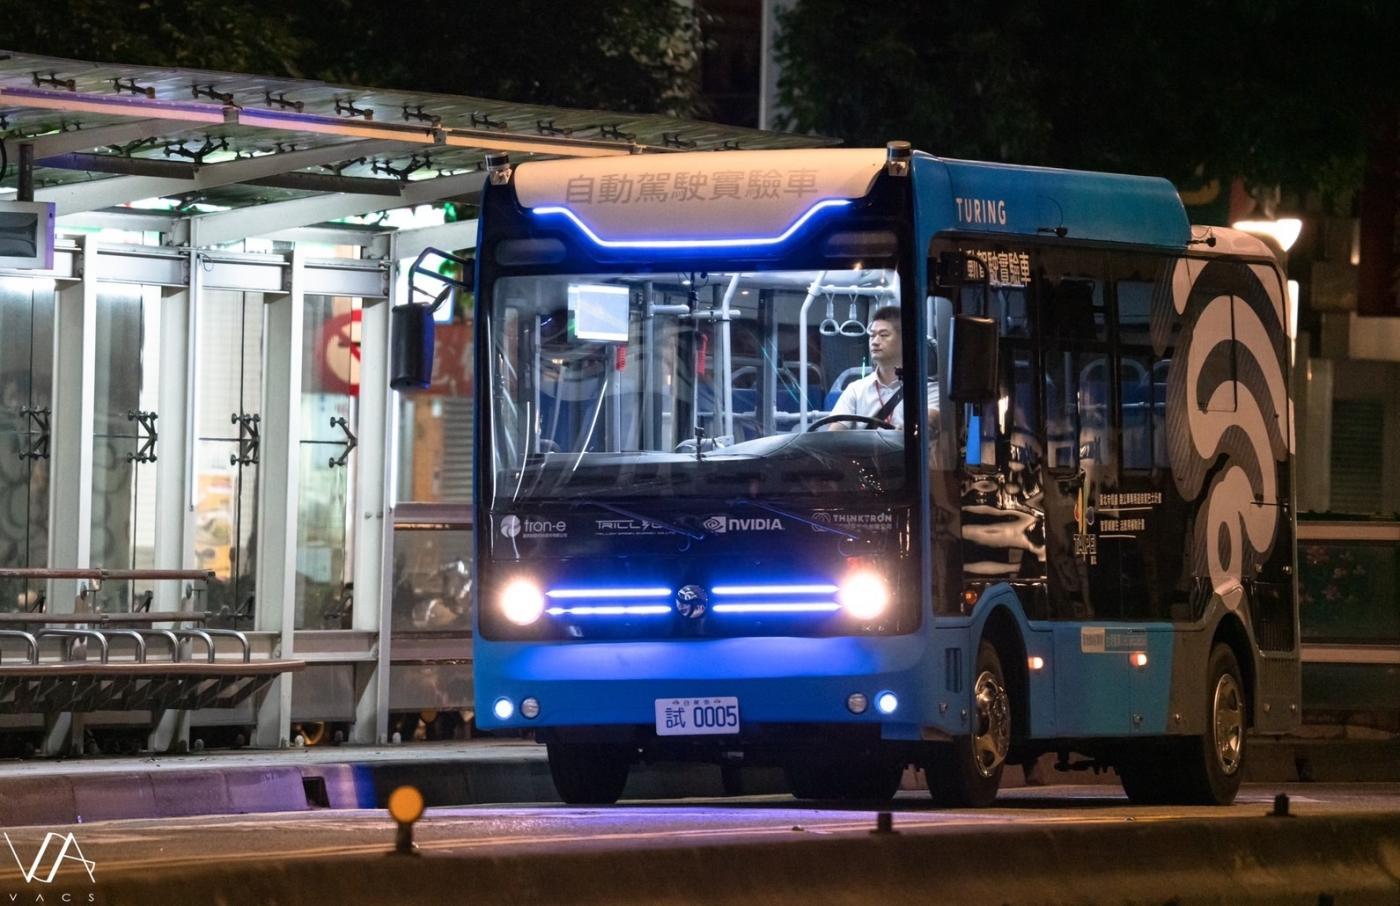 信義區的深夜無人公車,為V2X暖身!揭開5G自駕車的創新服務模式